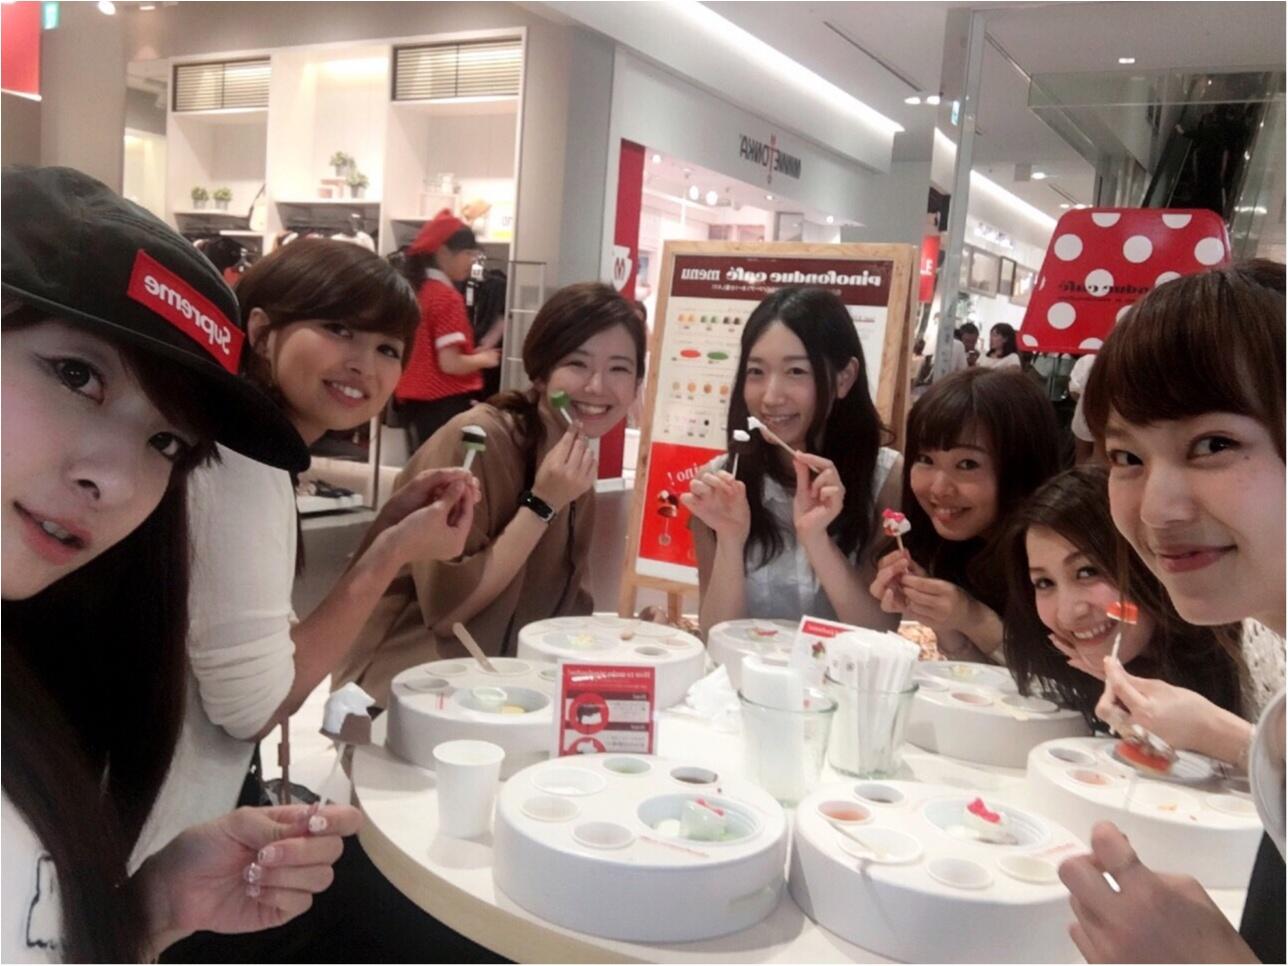 アイスの『pino』がつくった【ピノフォンデュカフェ】今年も東急プラザ表参道原宿3Fにオープン!大阪も今週末オープン✨≪samenyan≫_3